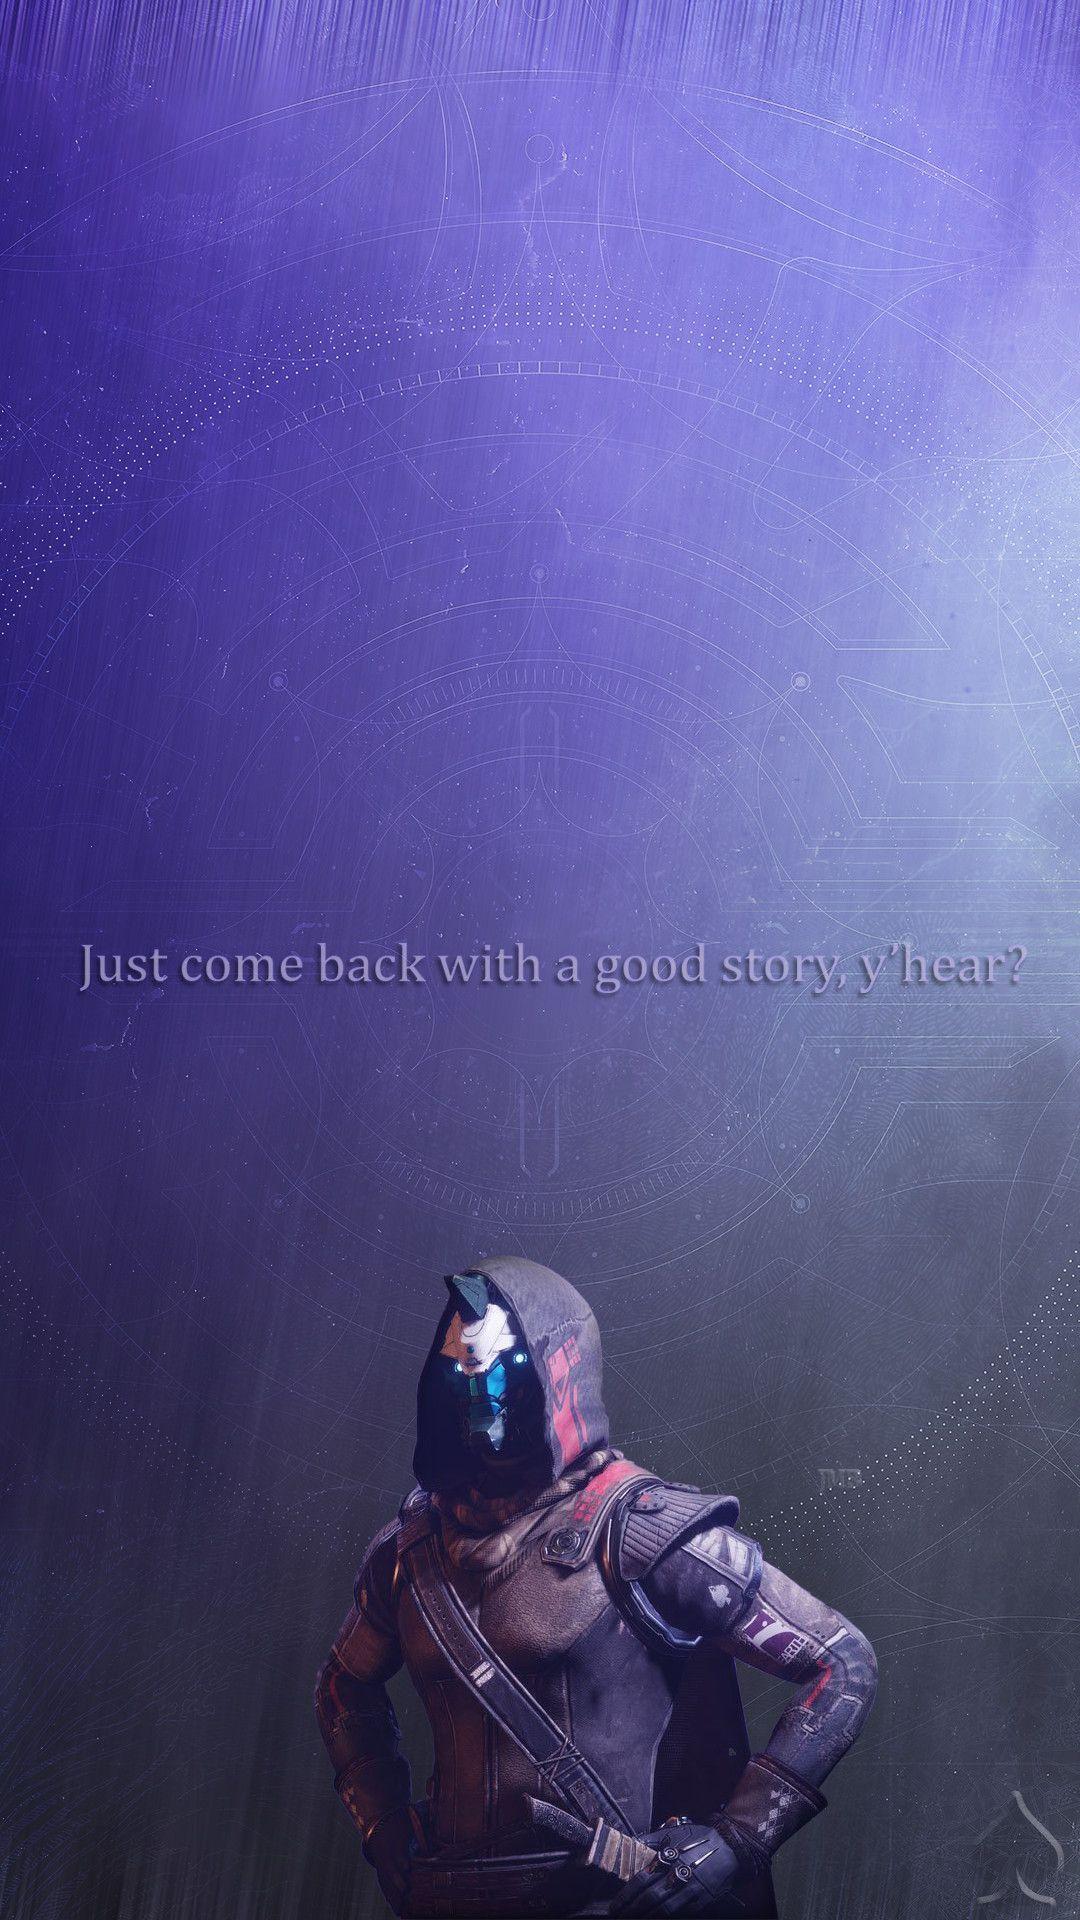 Destiny 2 Forsaken Wallpapers Top Free Destiny 2 Forsaken